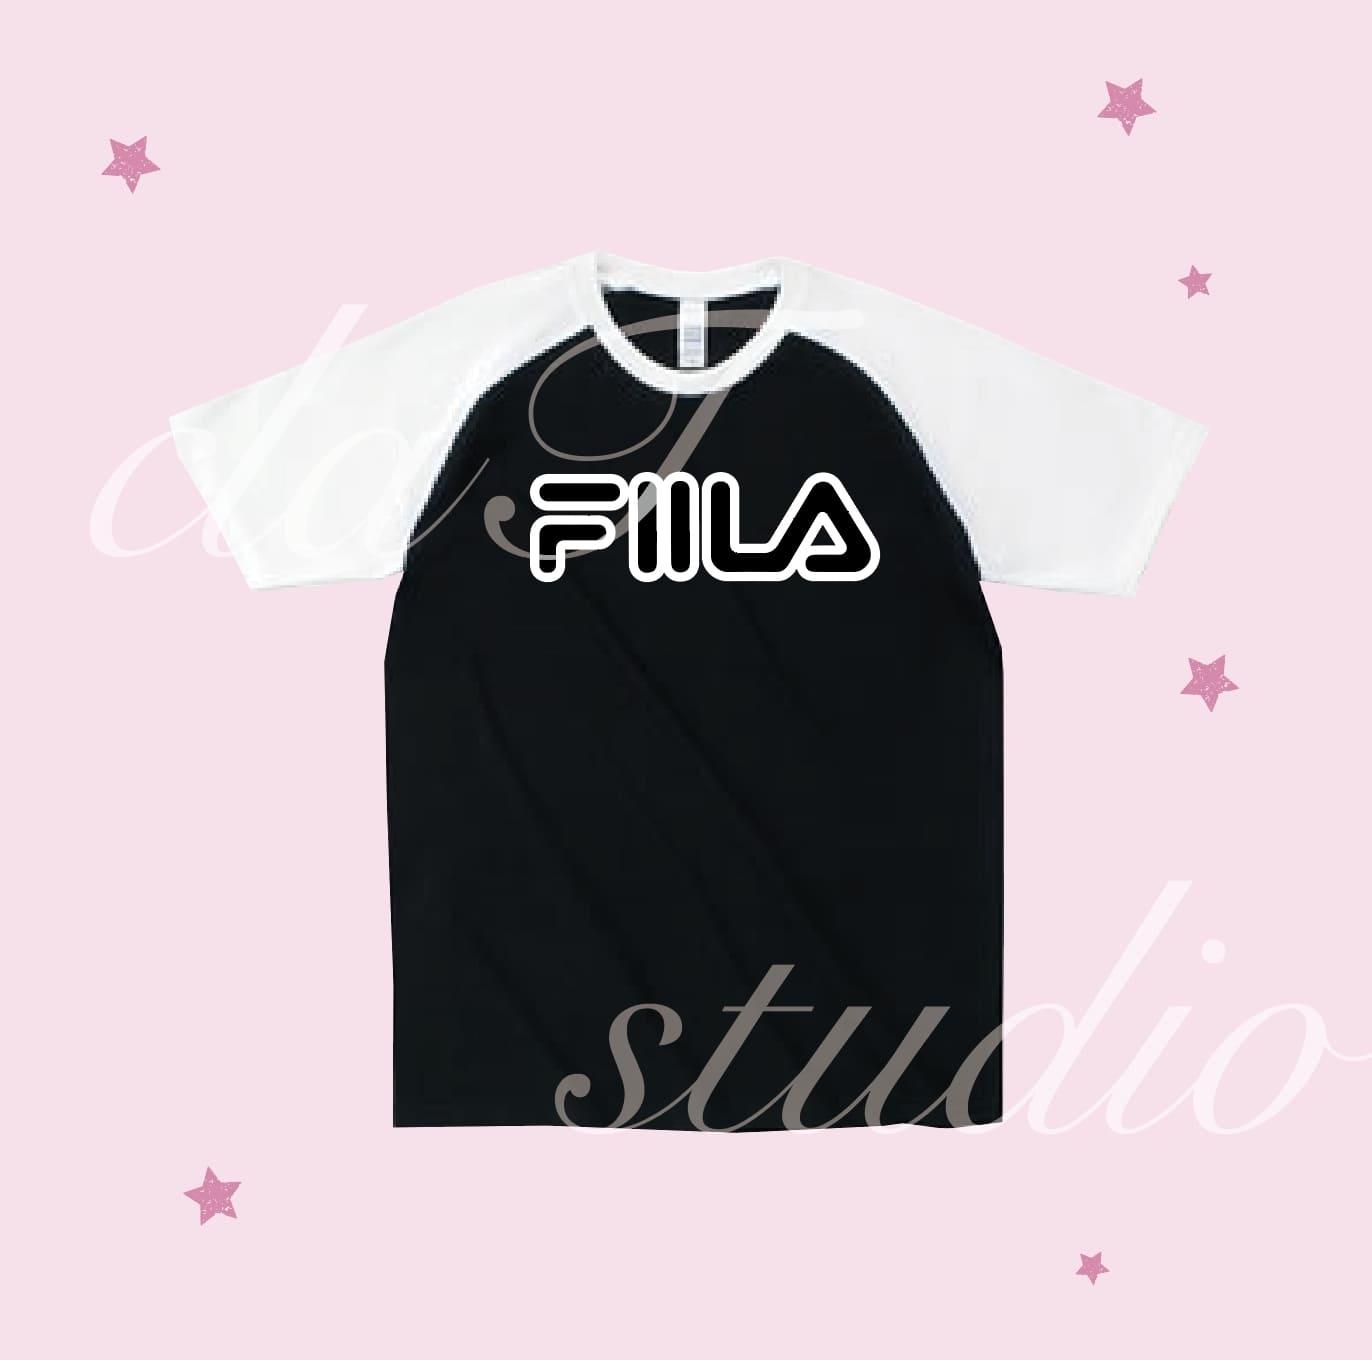 FILA_image_0003